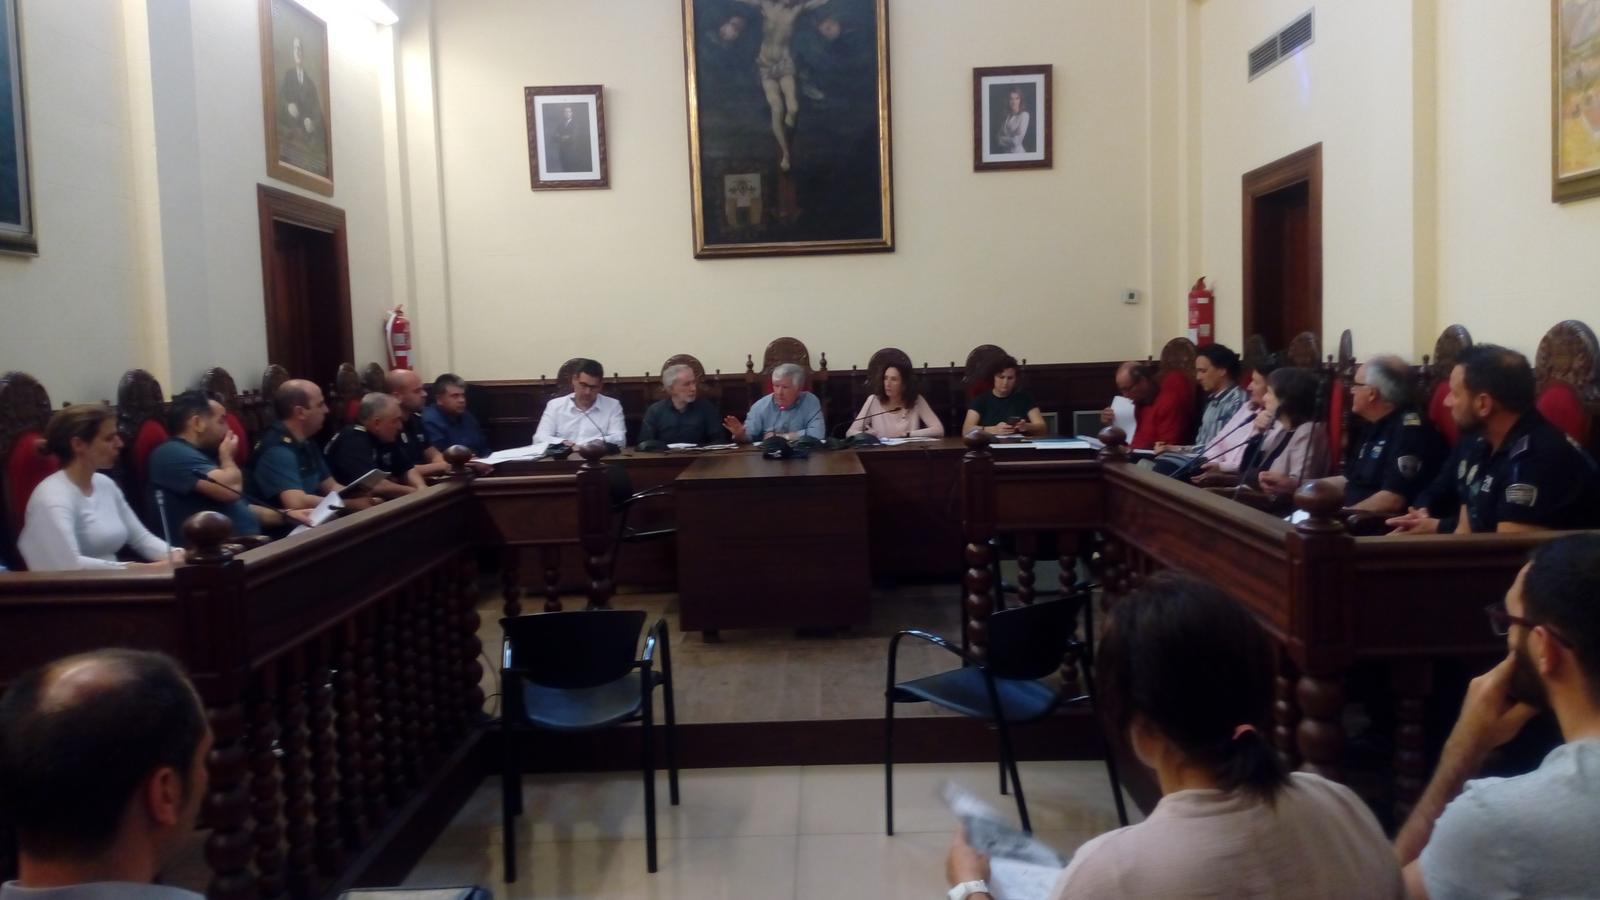 Reunió a la sala de plens de representants polítics, educatius i de forces de seguretat per planificar tots els aspectes de la macrofesta de fi de curs.